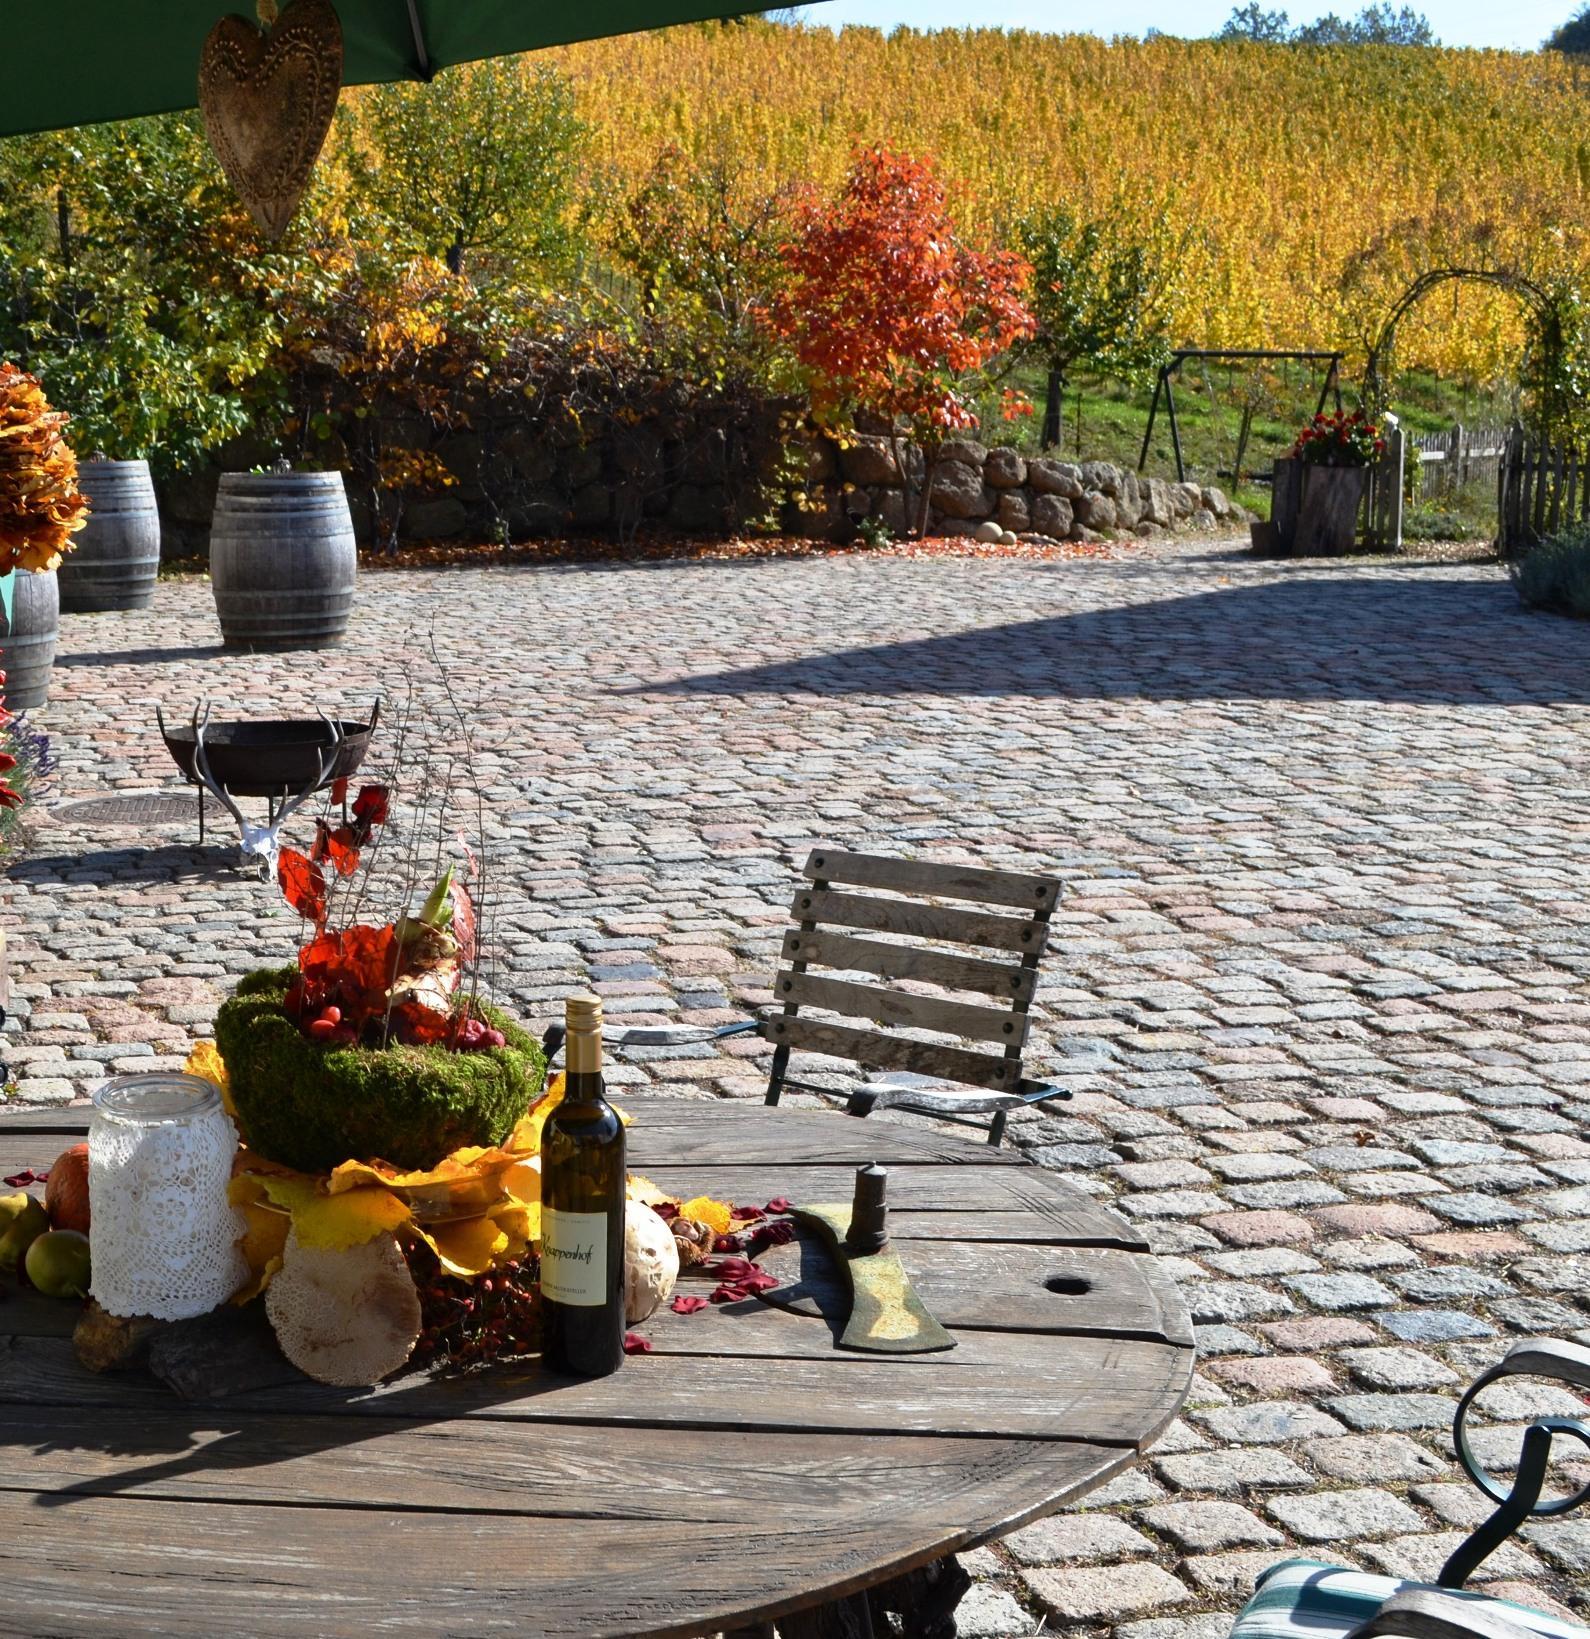 Bunt Herbststimmung am Knappenhof Gamlitz in der schönen Südsteiermark